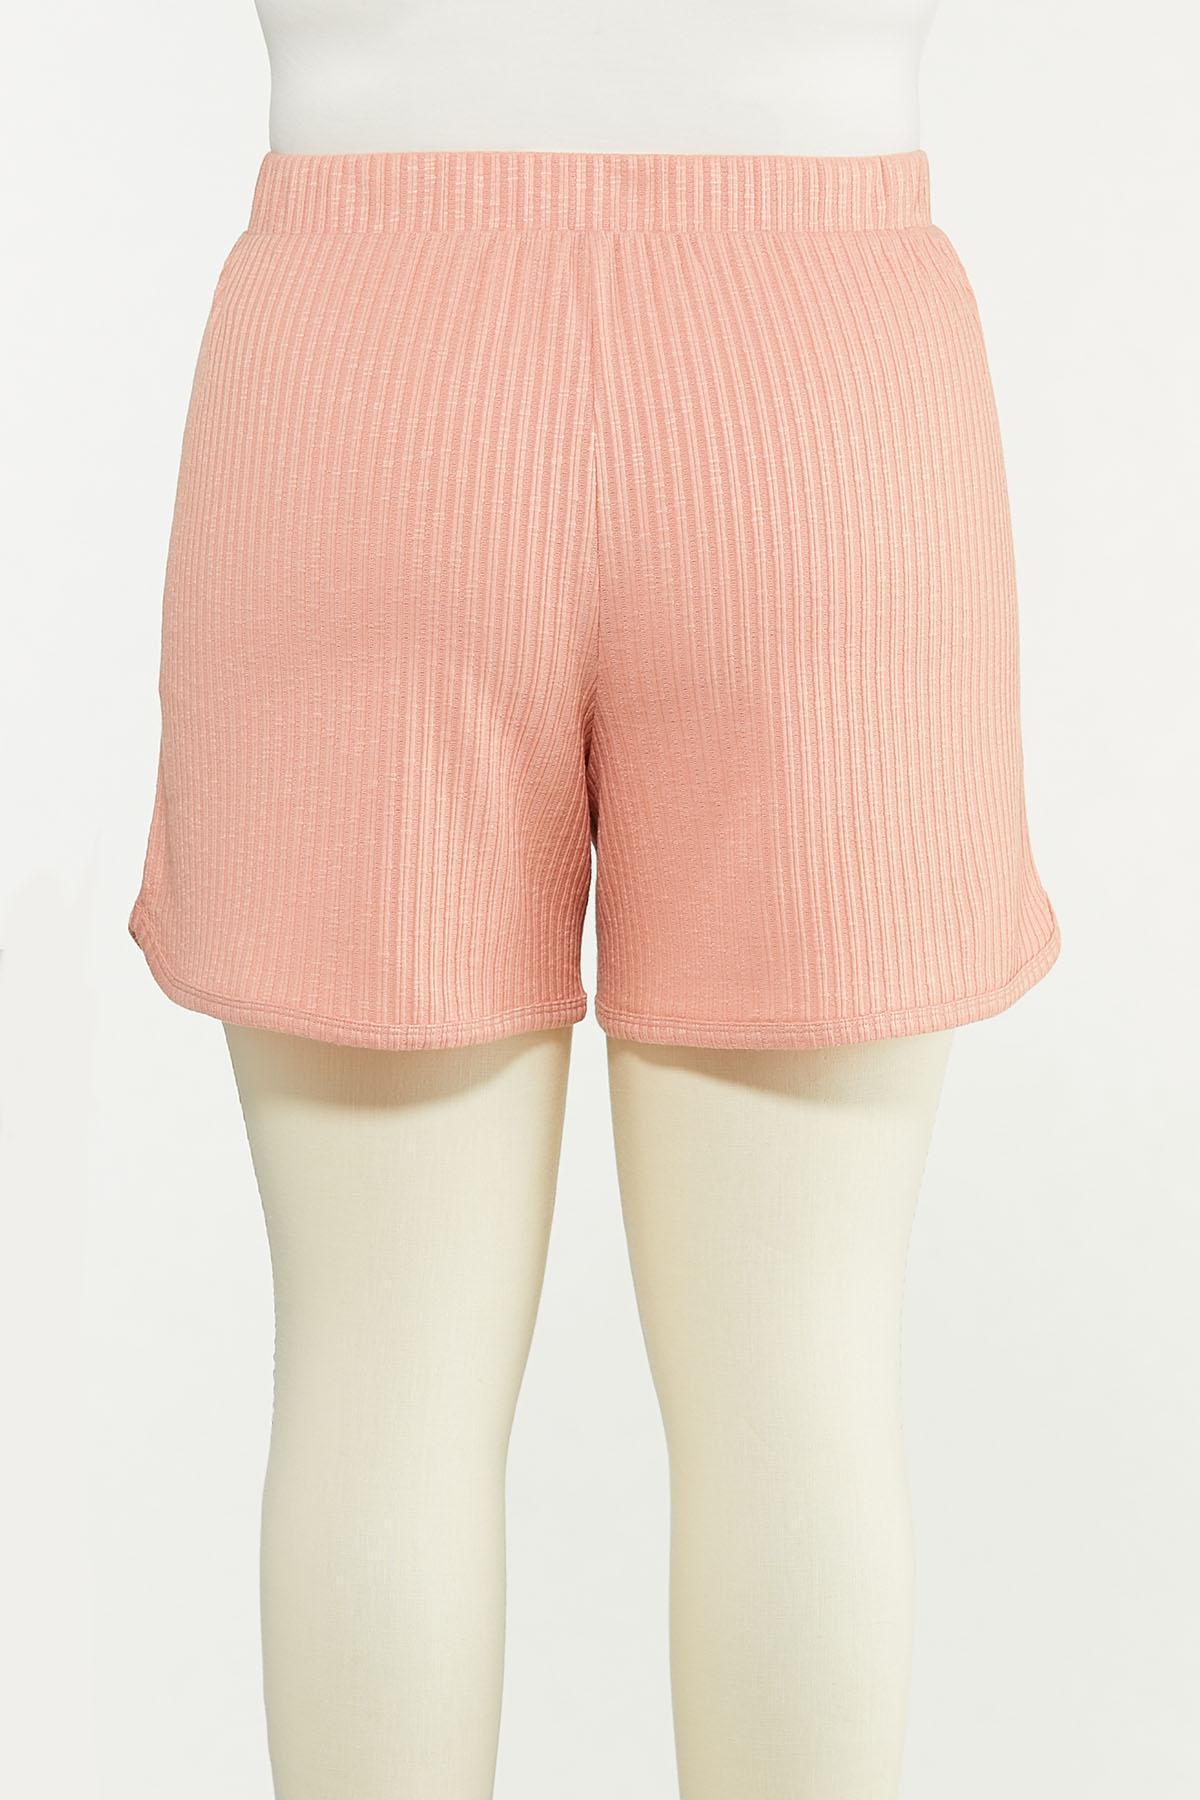 Plus Size Blushing Ribbed Shorts (Item #44615568)